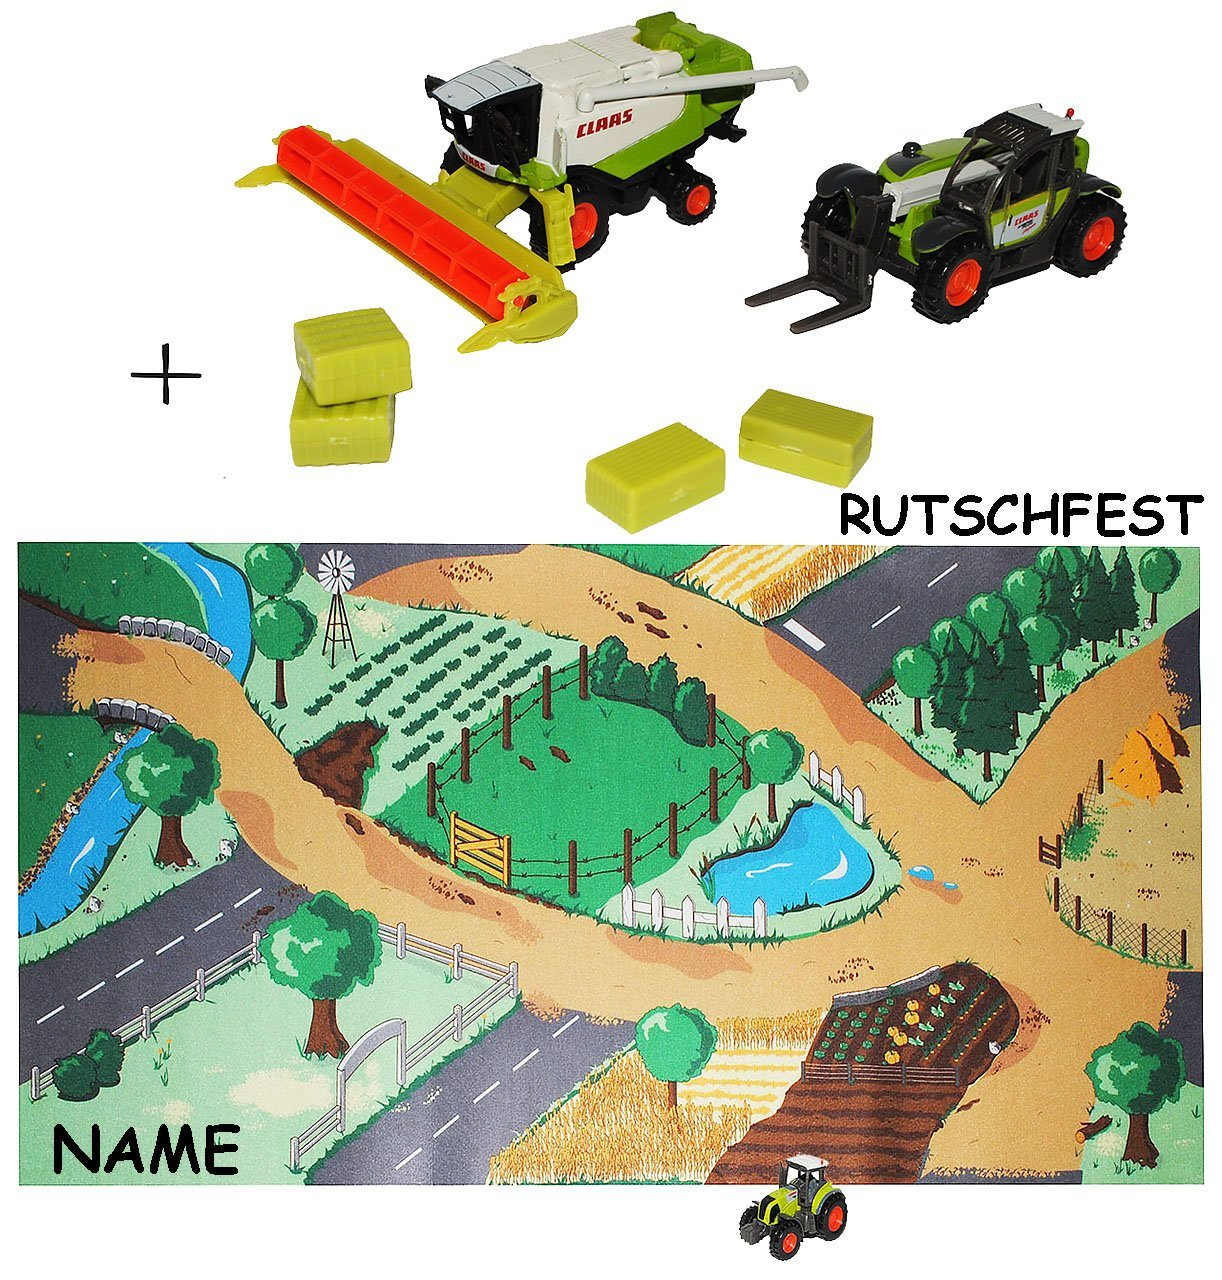 Set: Autoteppich / Spielteppich - rutschfest & ERWEITERBAR ...